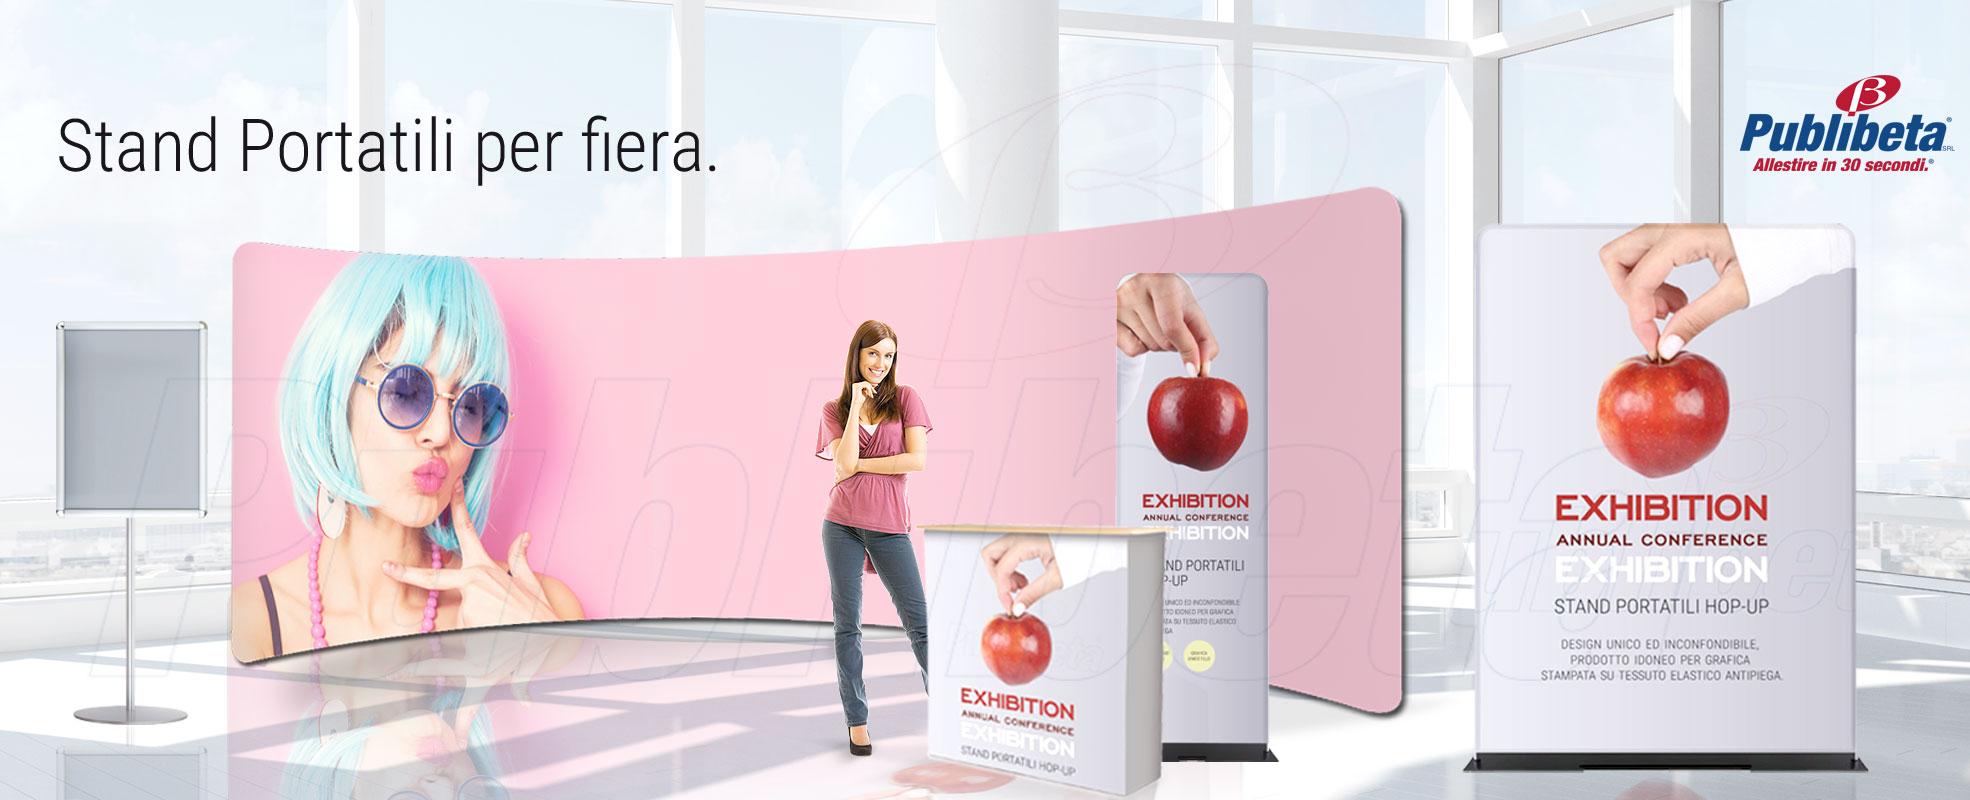 stand portatili pareti espositori pubblicitari con stampa in tessuto